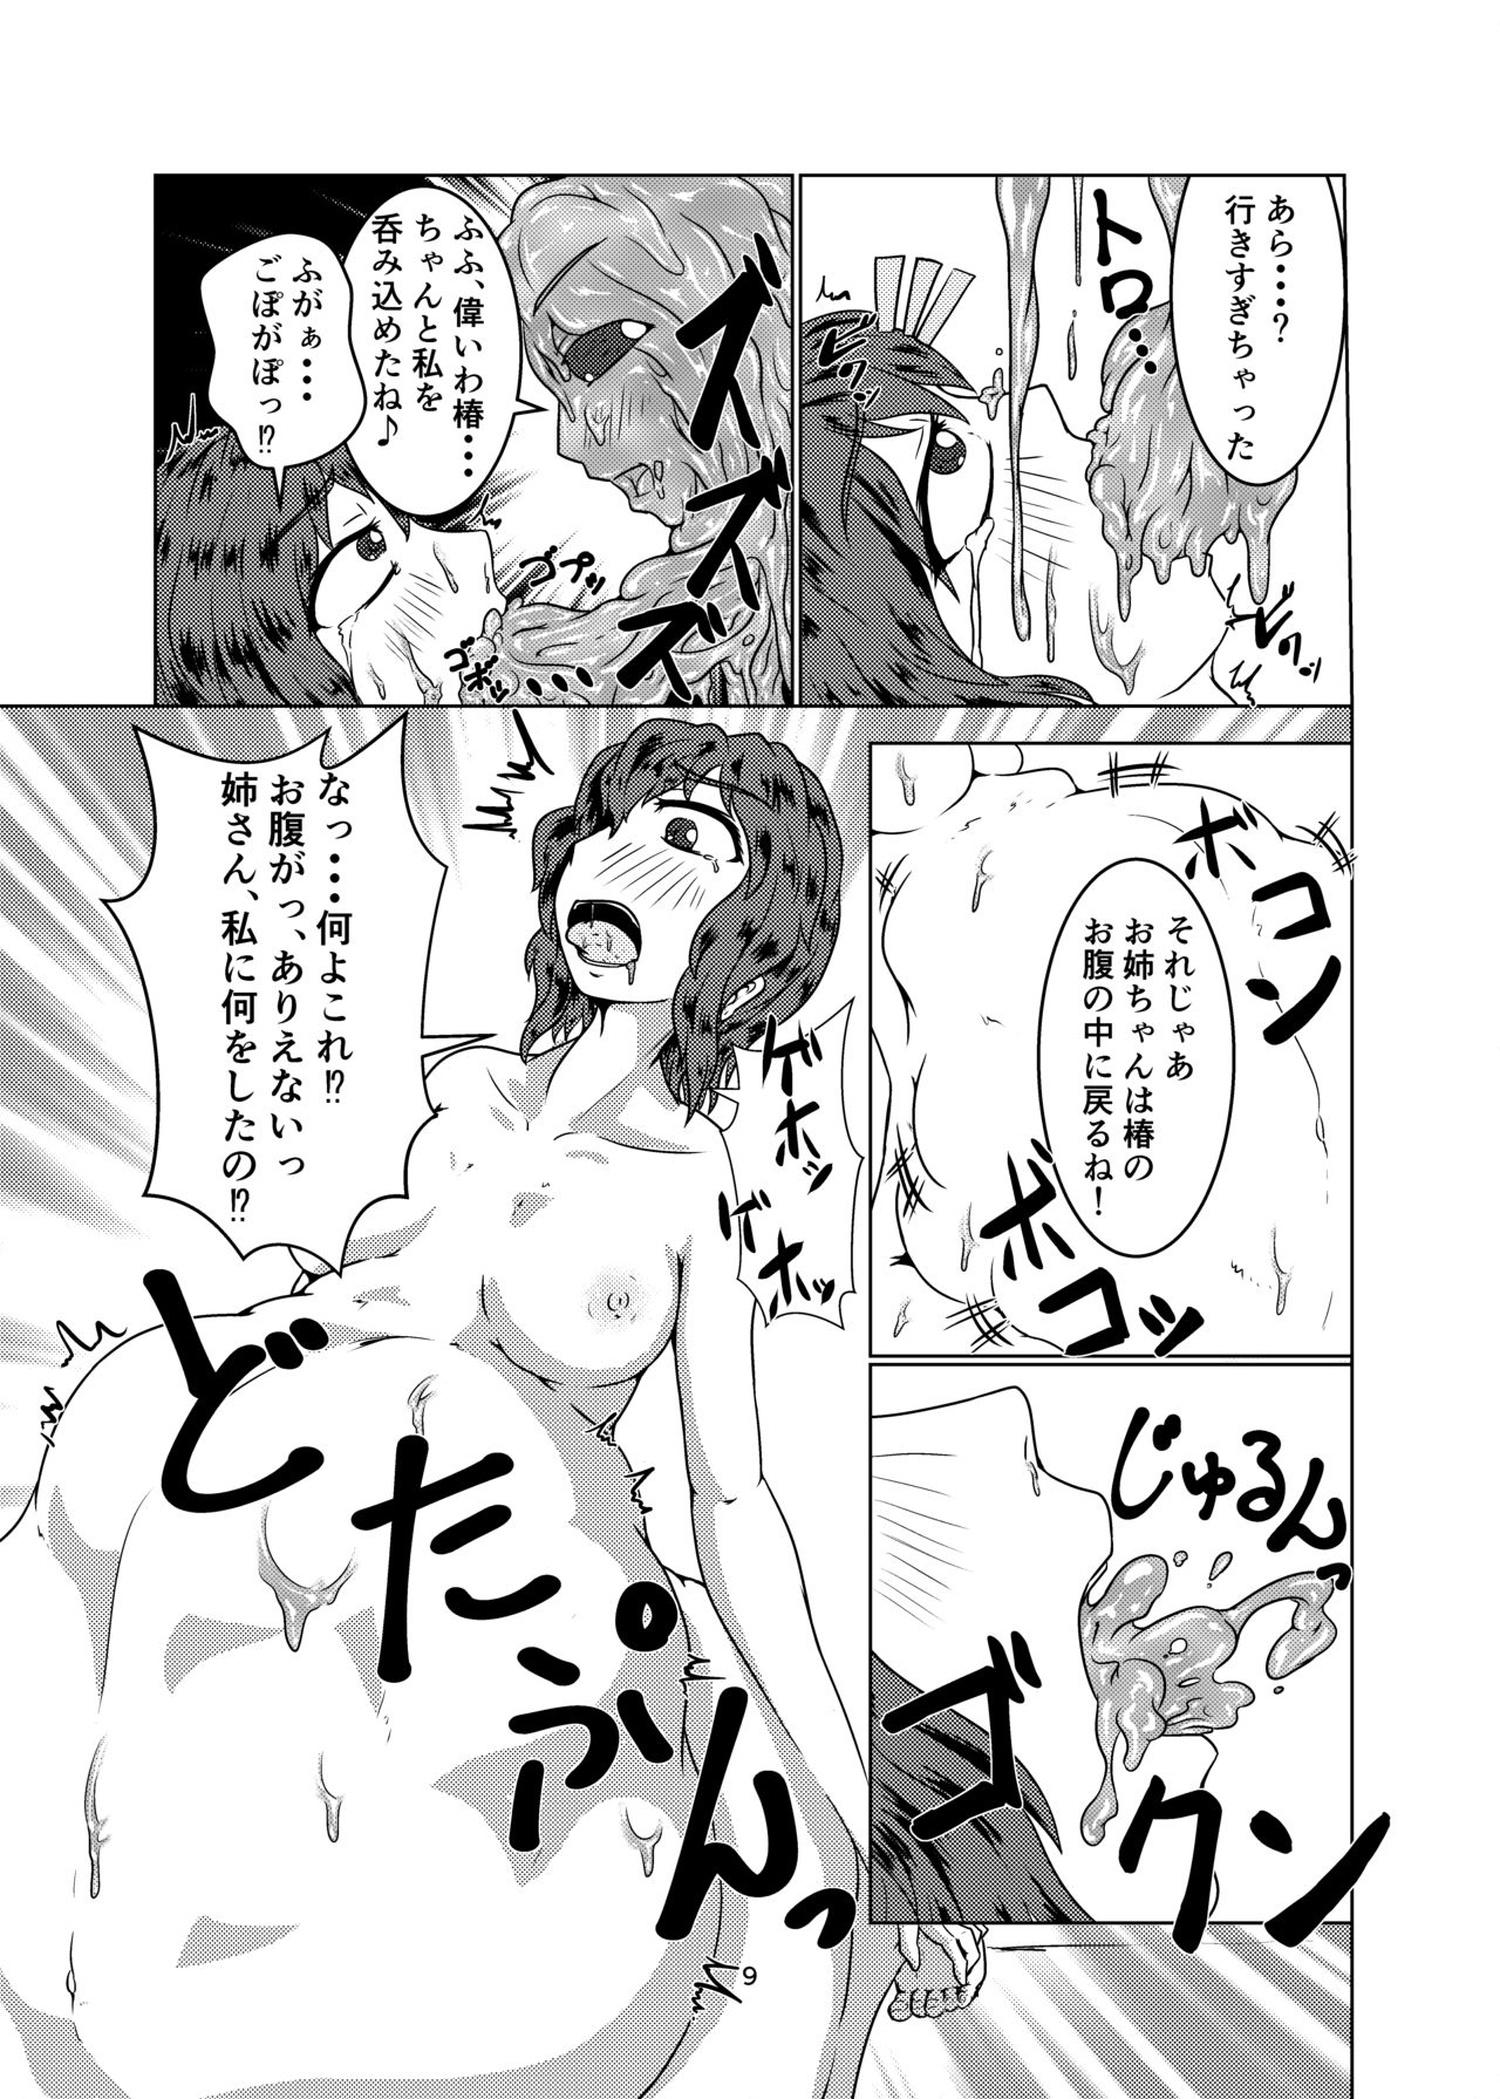 【エロ漫画】スライムになってしまったお姉さんに、身動きできなくされてお尻から姉さんが入って来ちゃう!【無料 エロ同人誌】 (8)